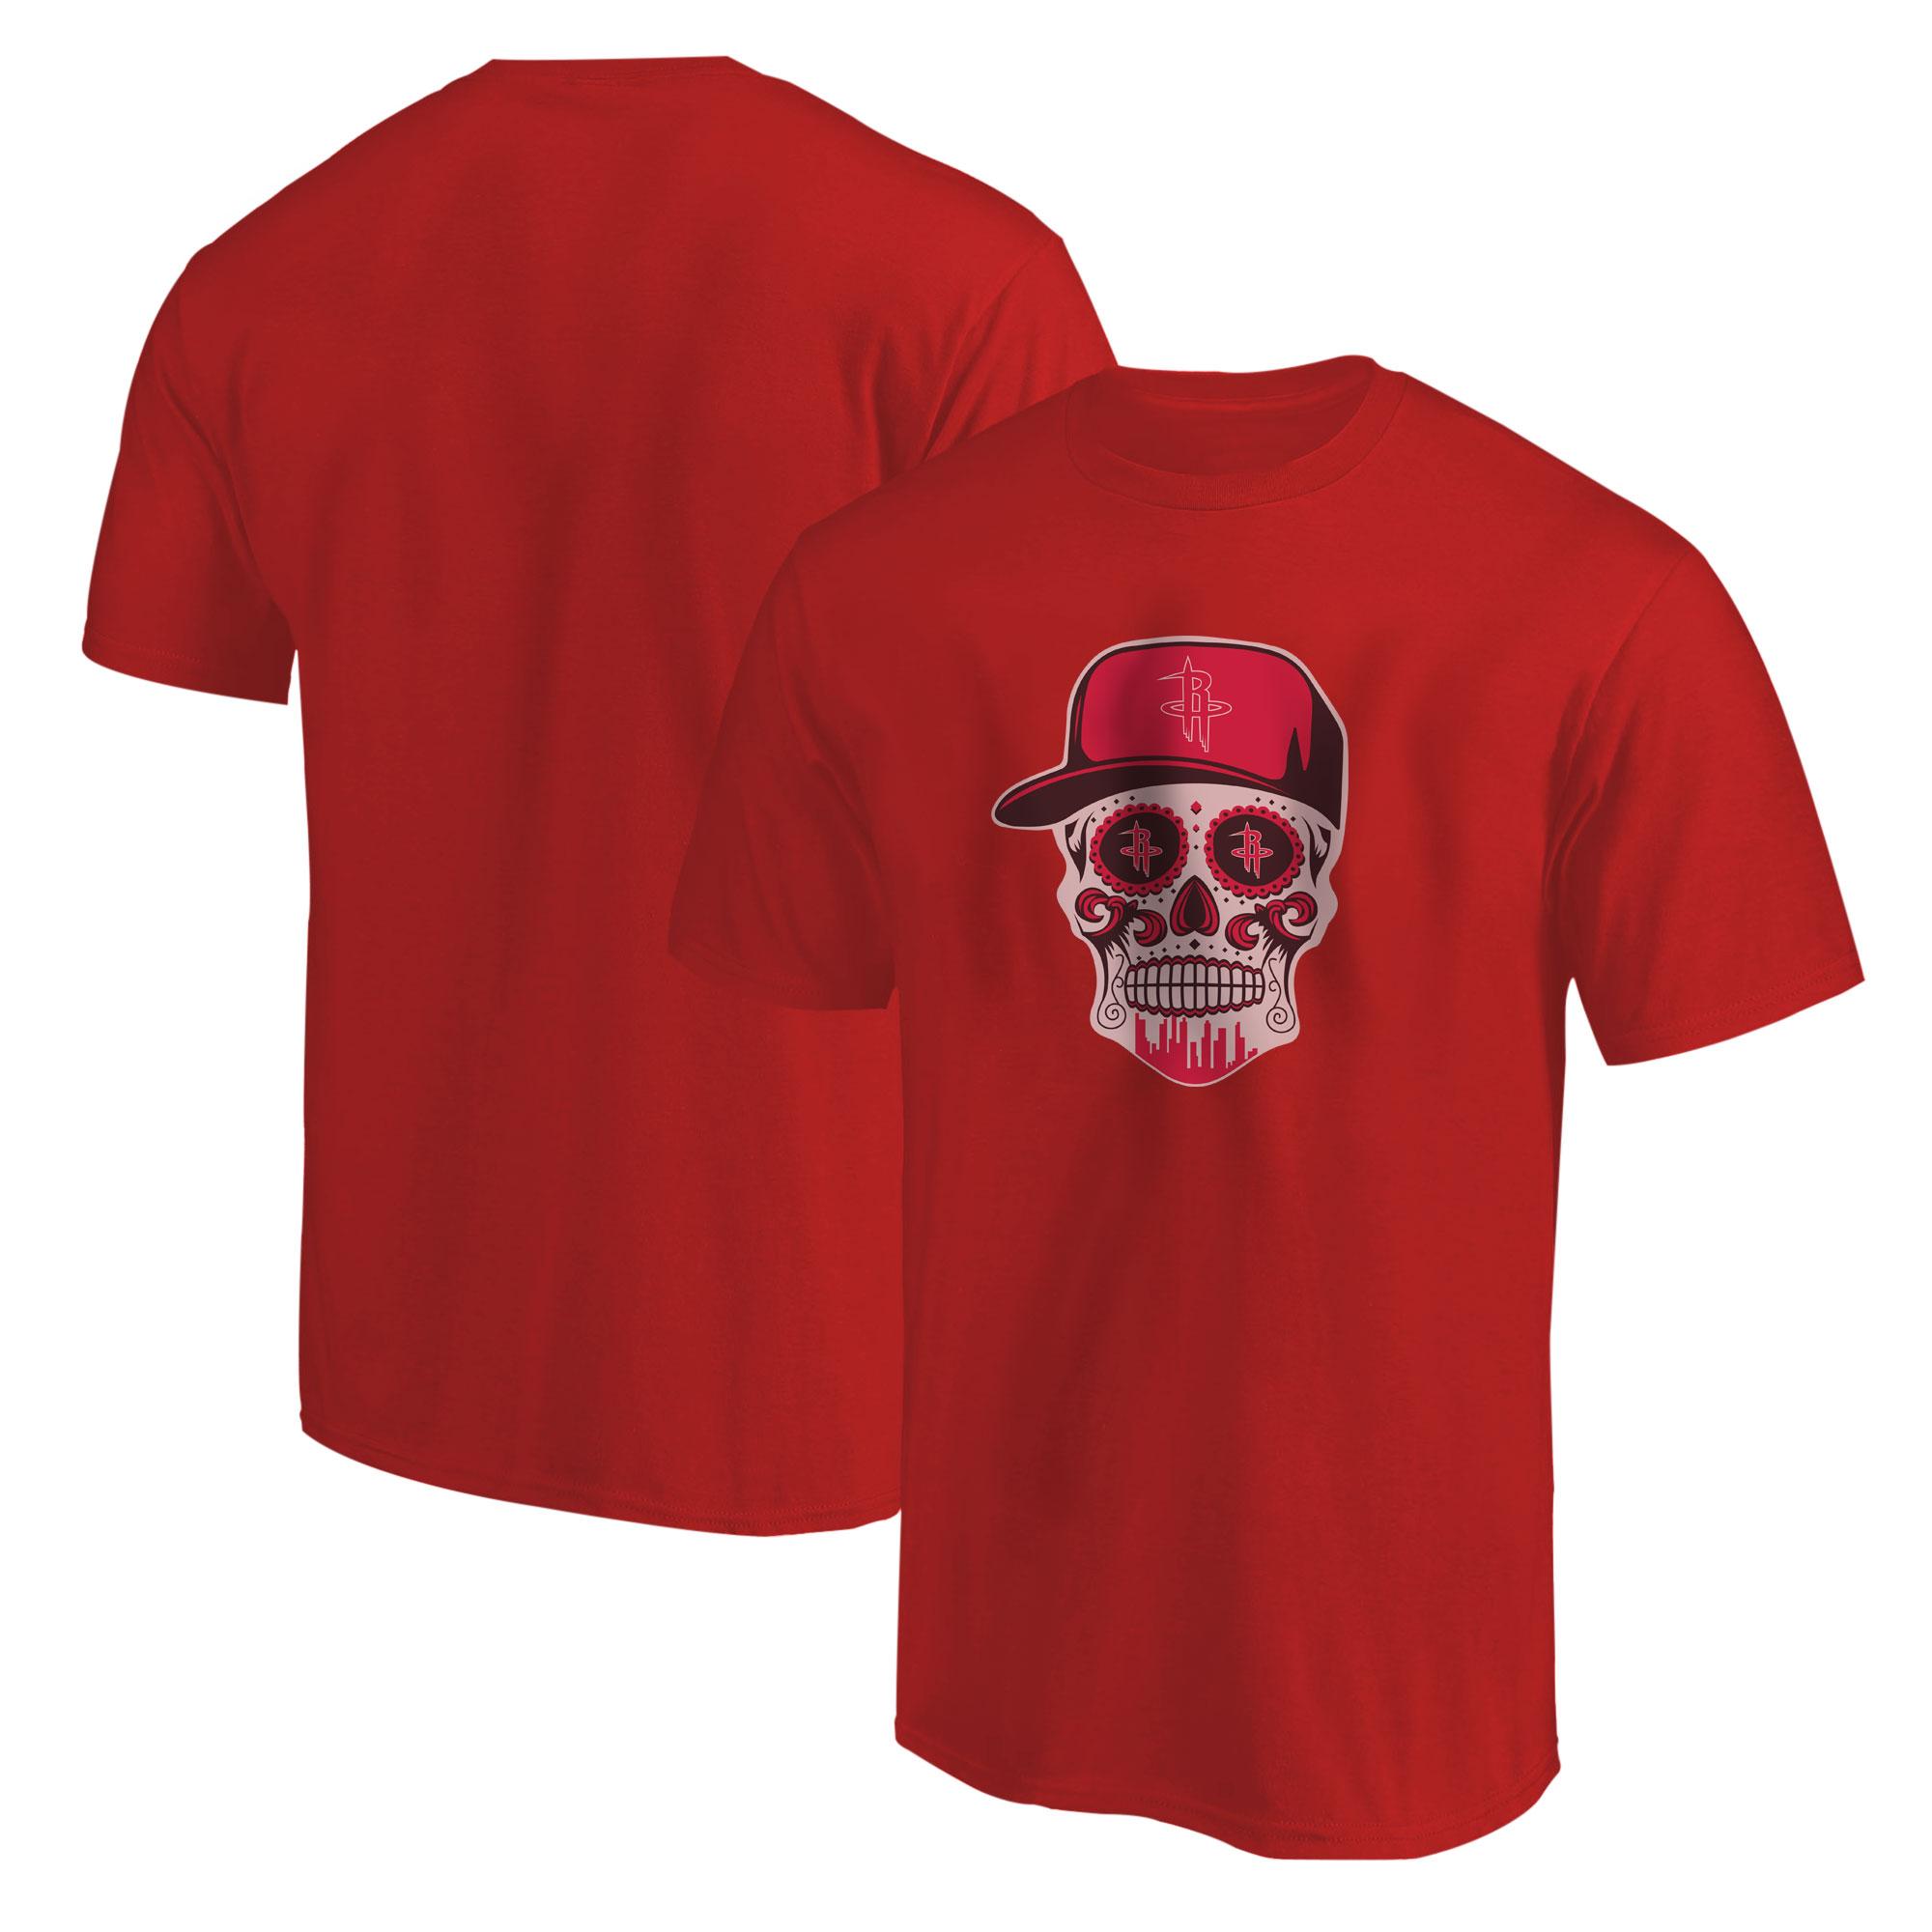 Rockets Skull Tshirt (TSH-RED-NP-453-NBA-HOU-SKULL)